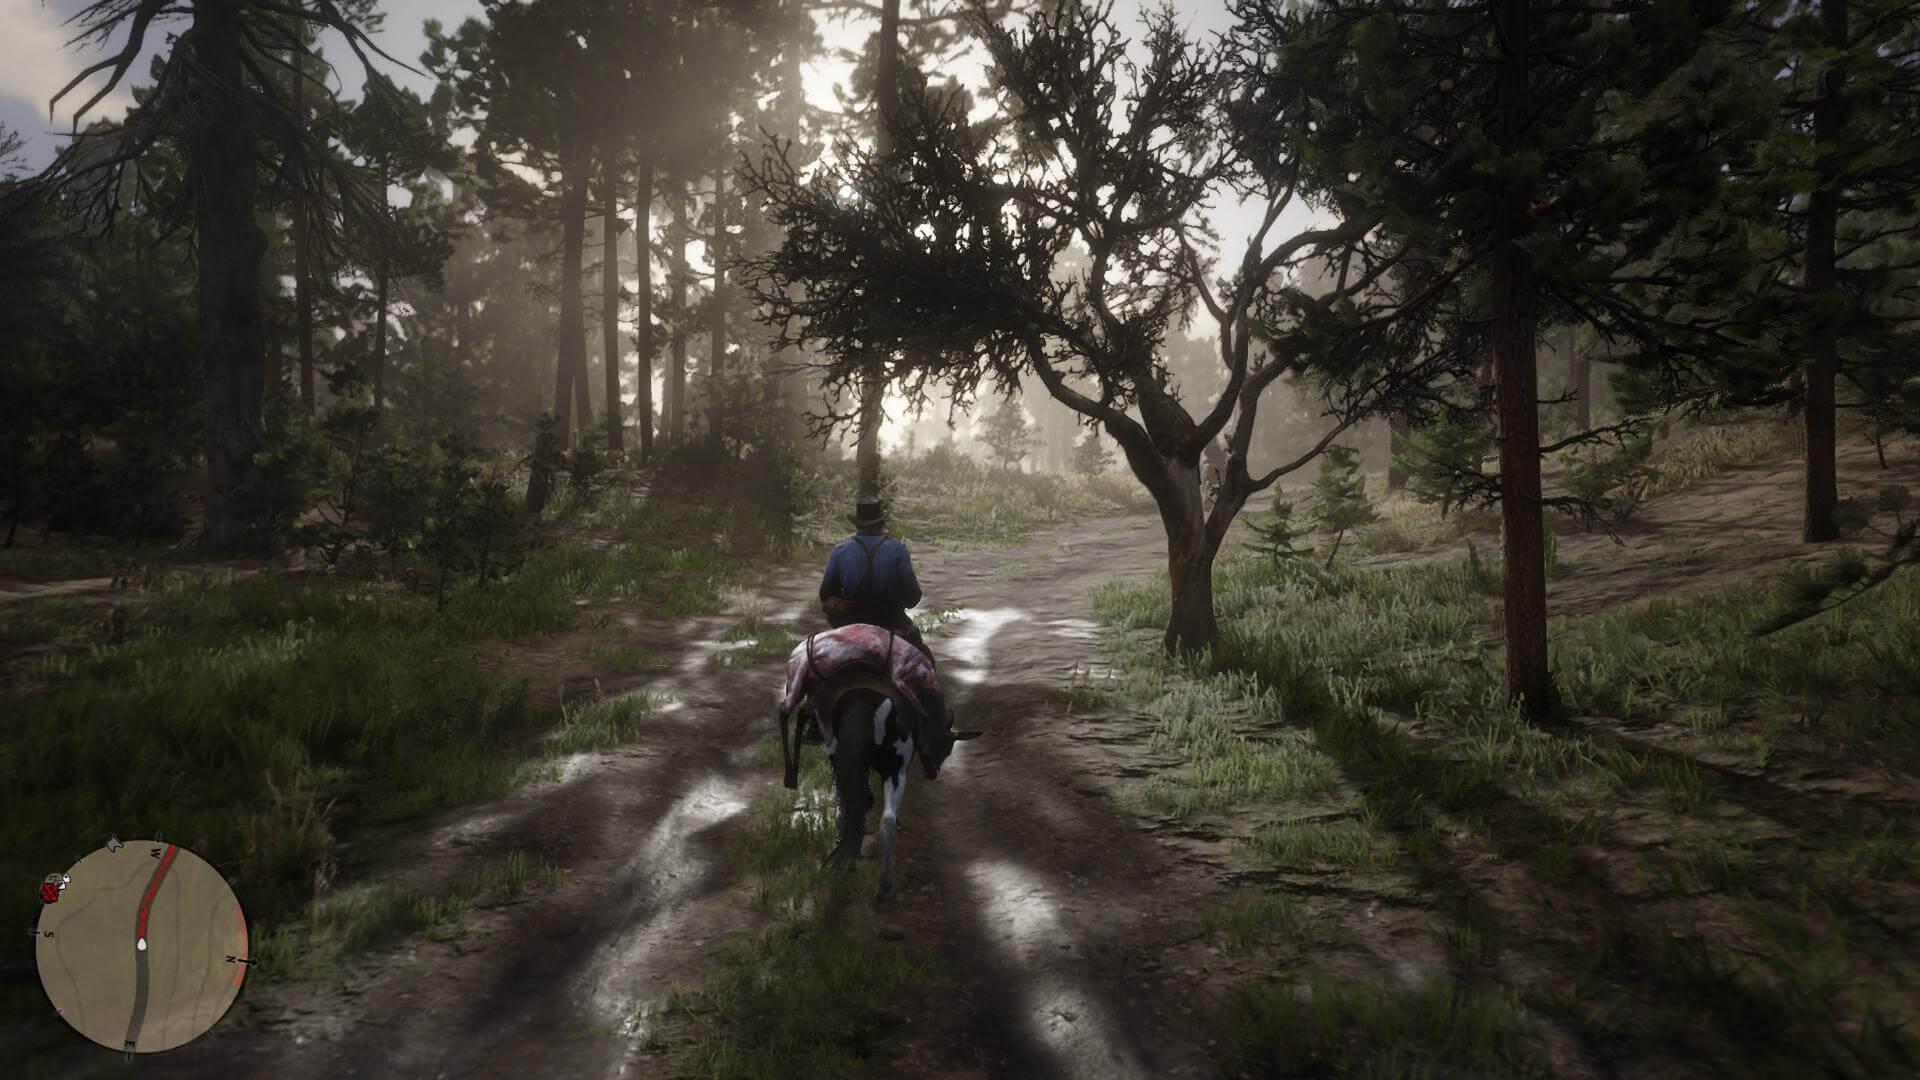 Foto de Red Dead Redemption 2 é o melhor jogo na Brazil Game Awards 2018. Confira todos os vencedores